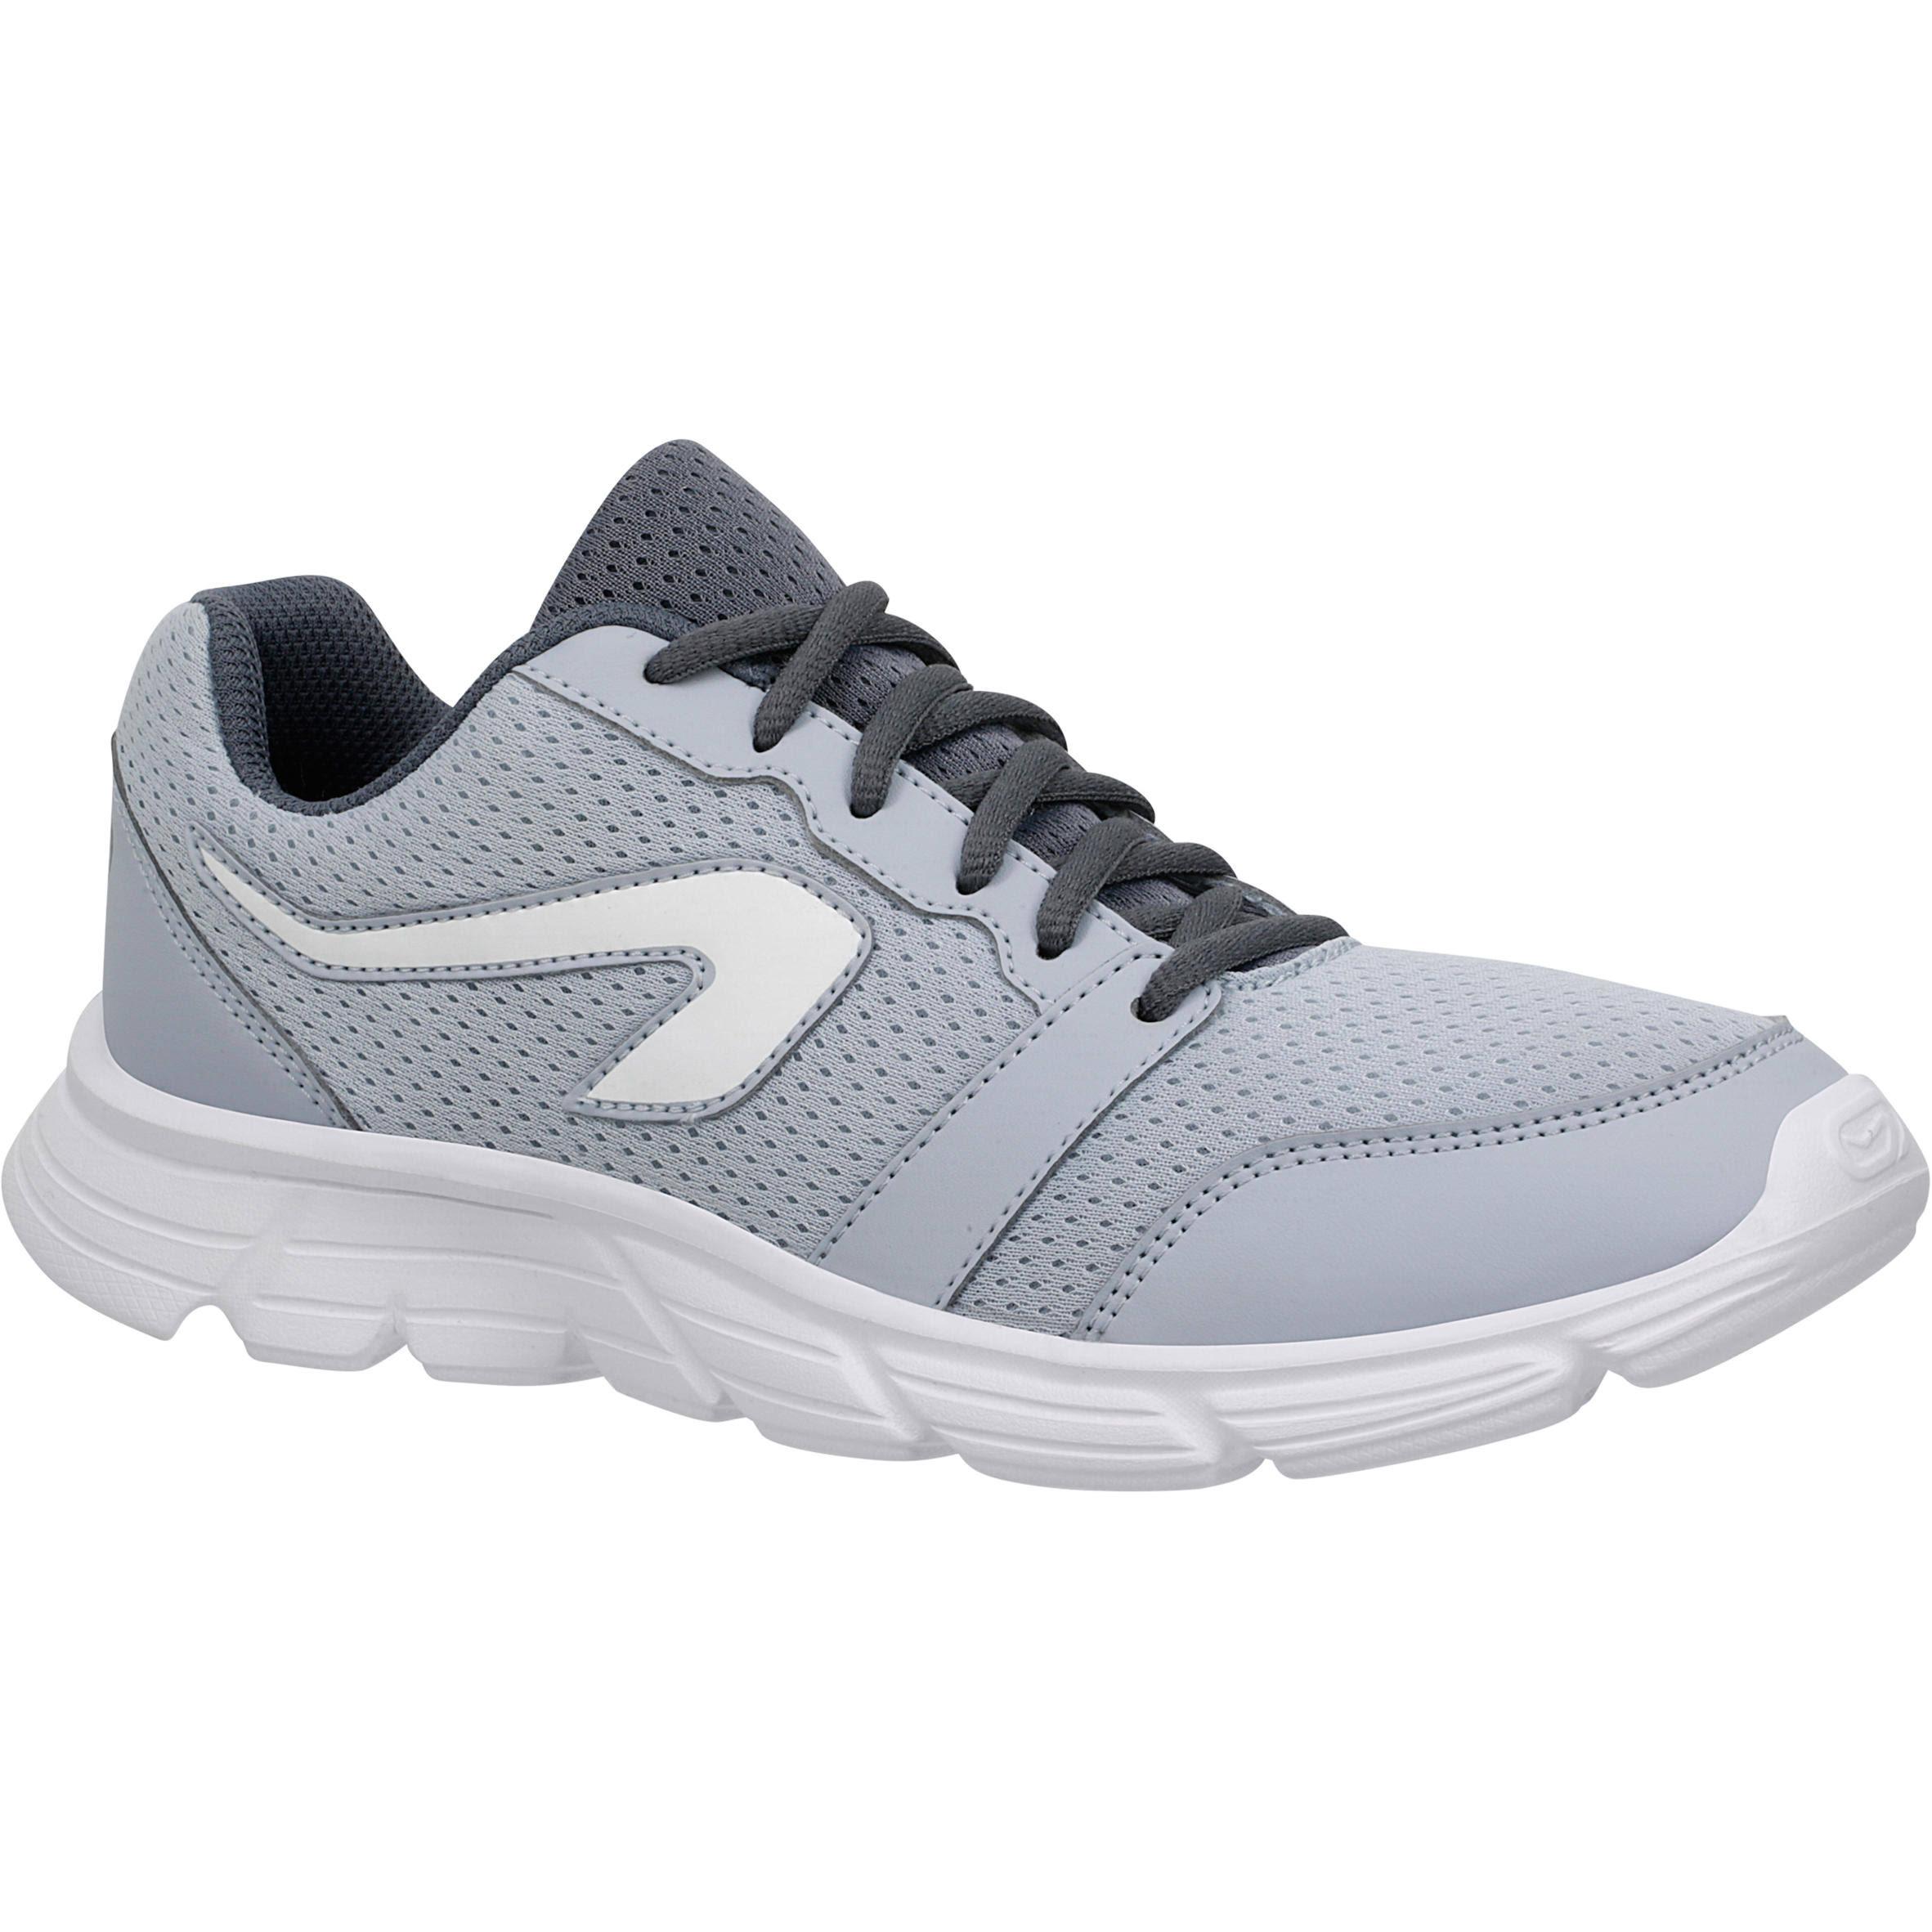 Kalenji Run 100 Women's Running Shoes - Grey